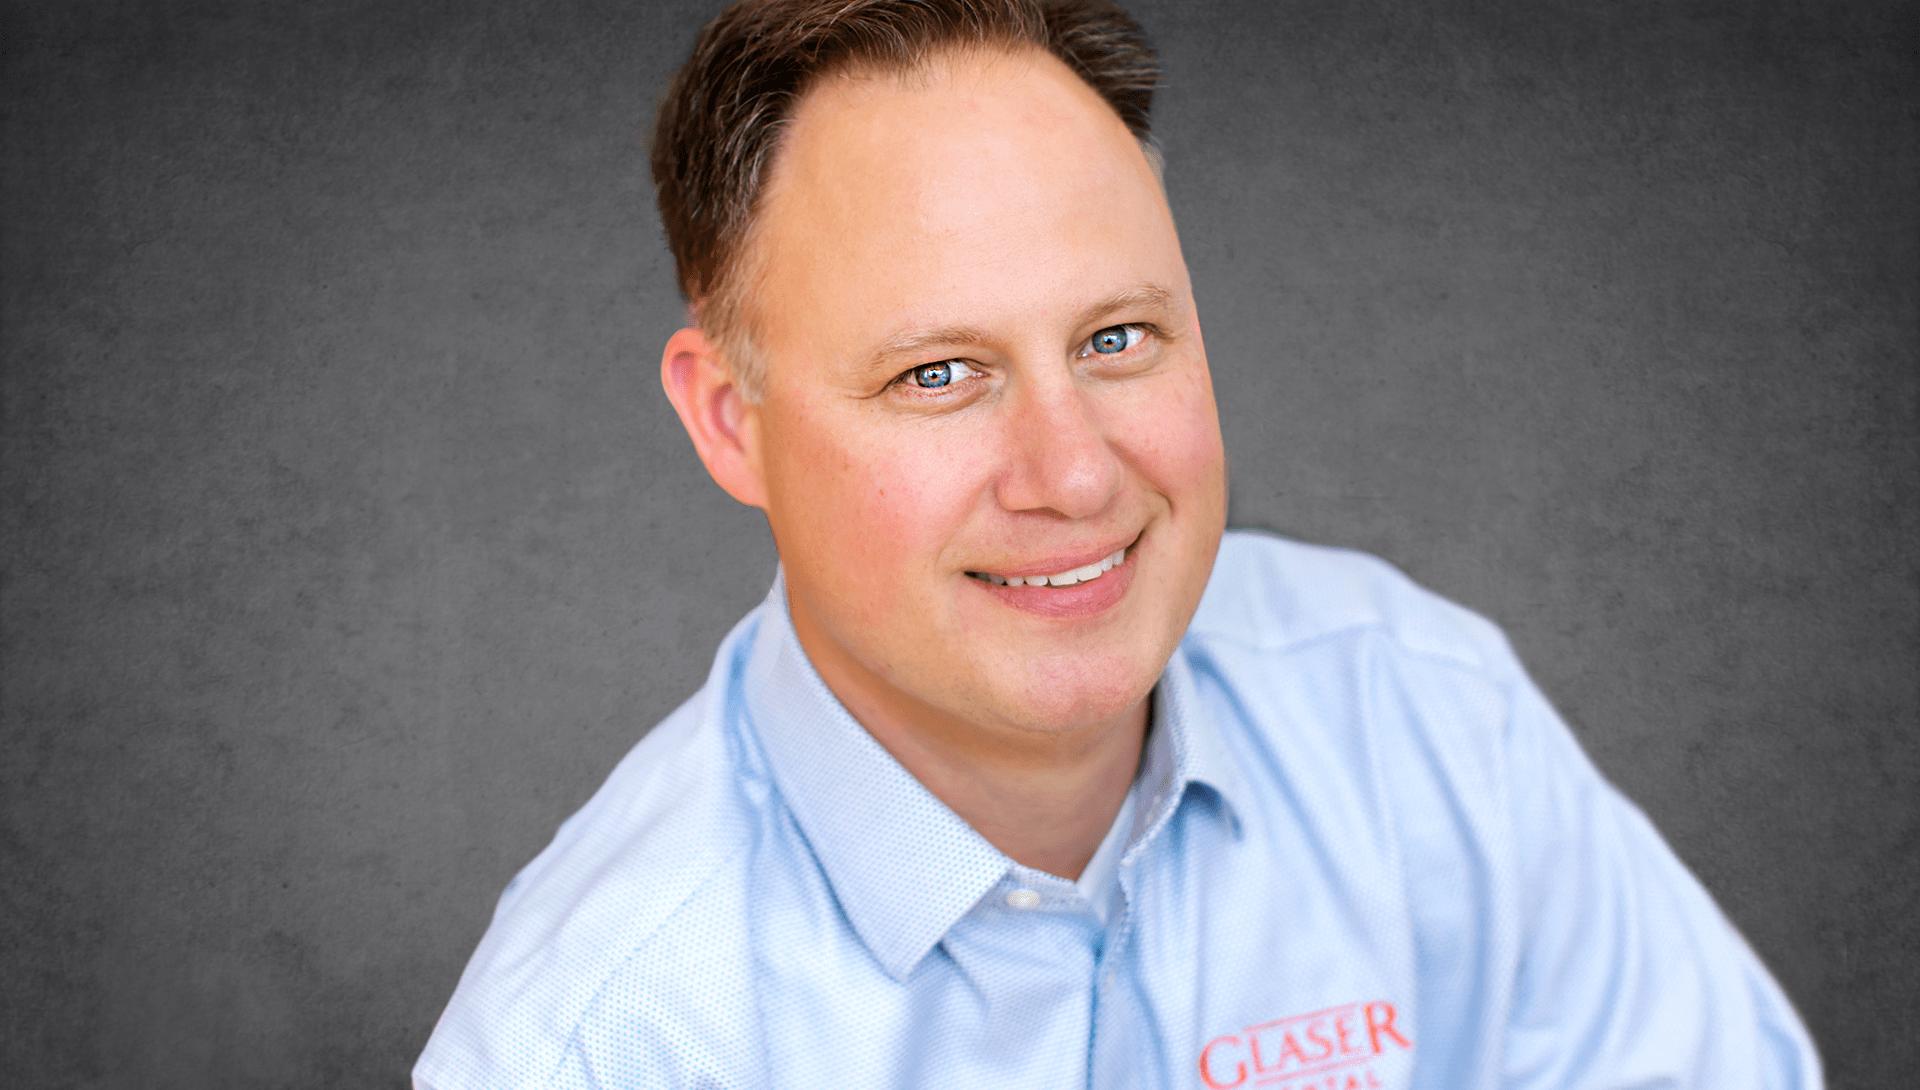 Dr. Tyler Glaser